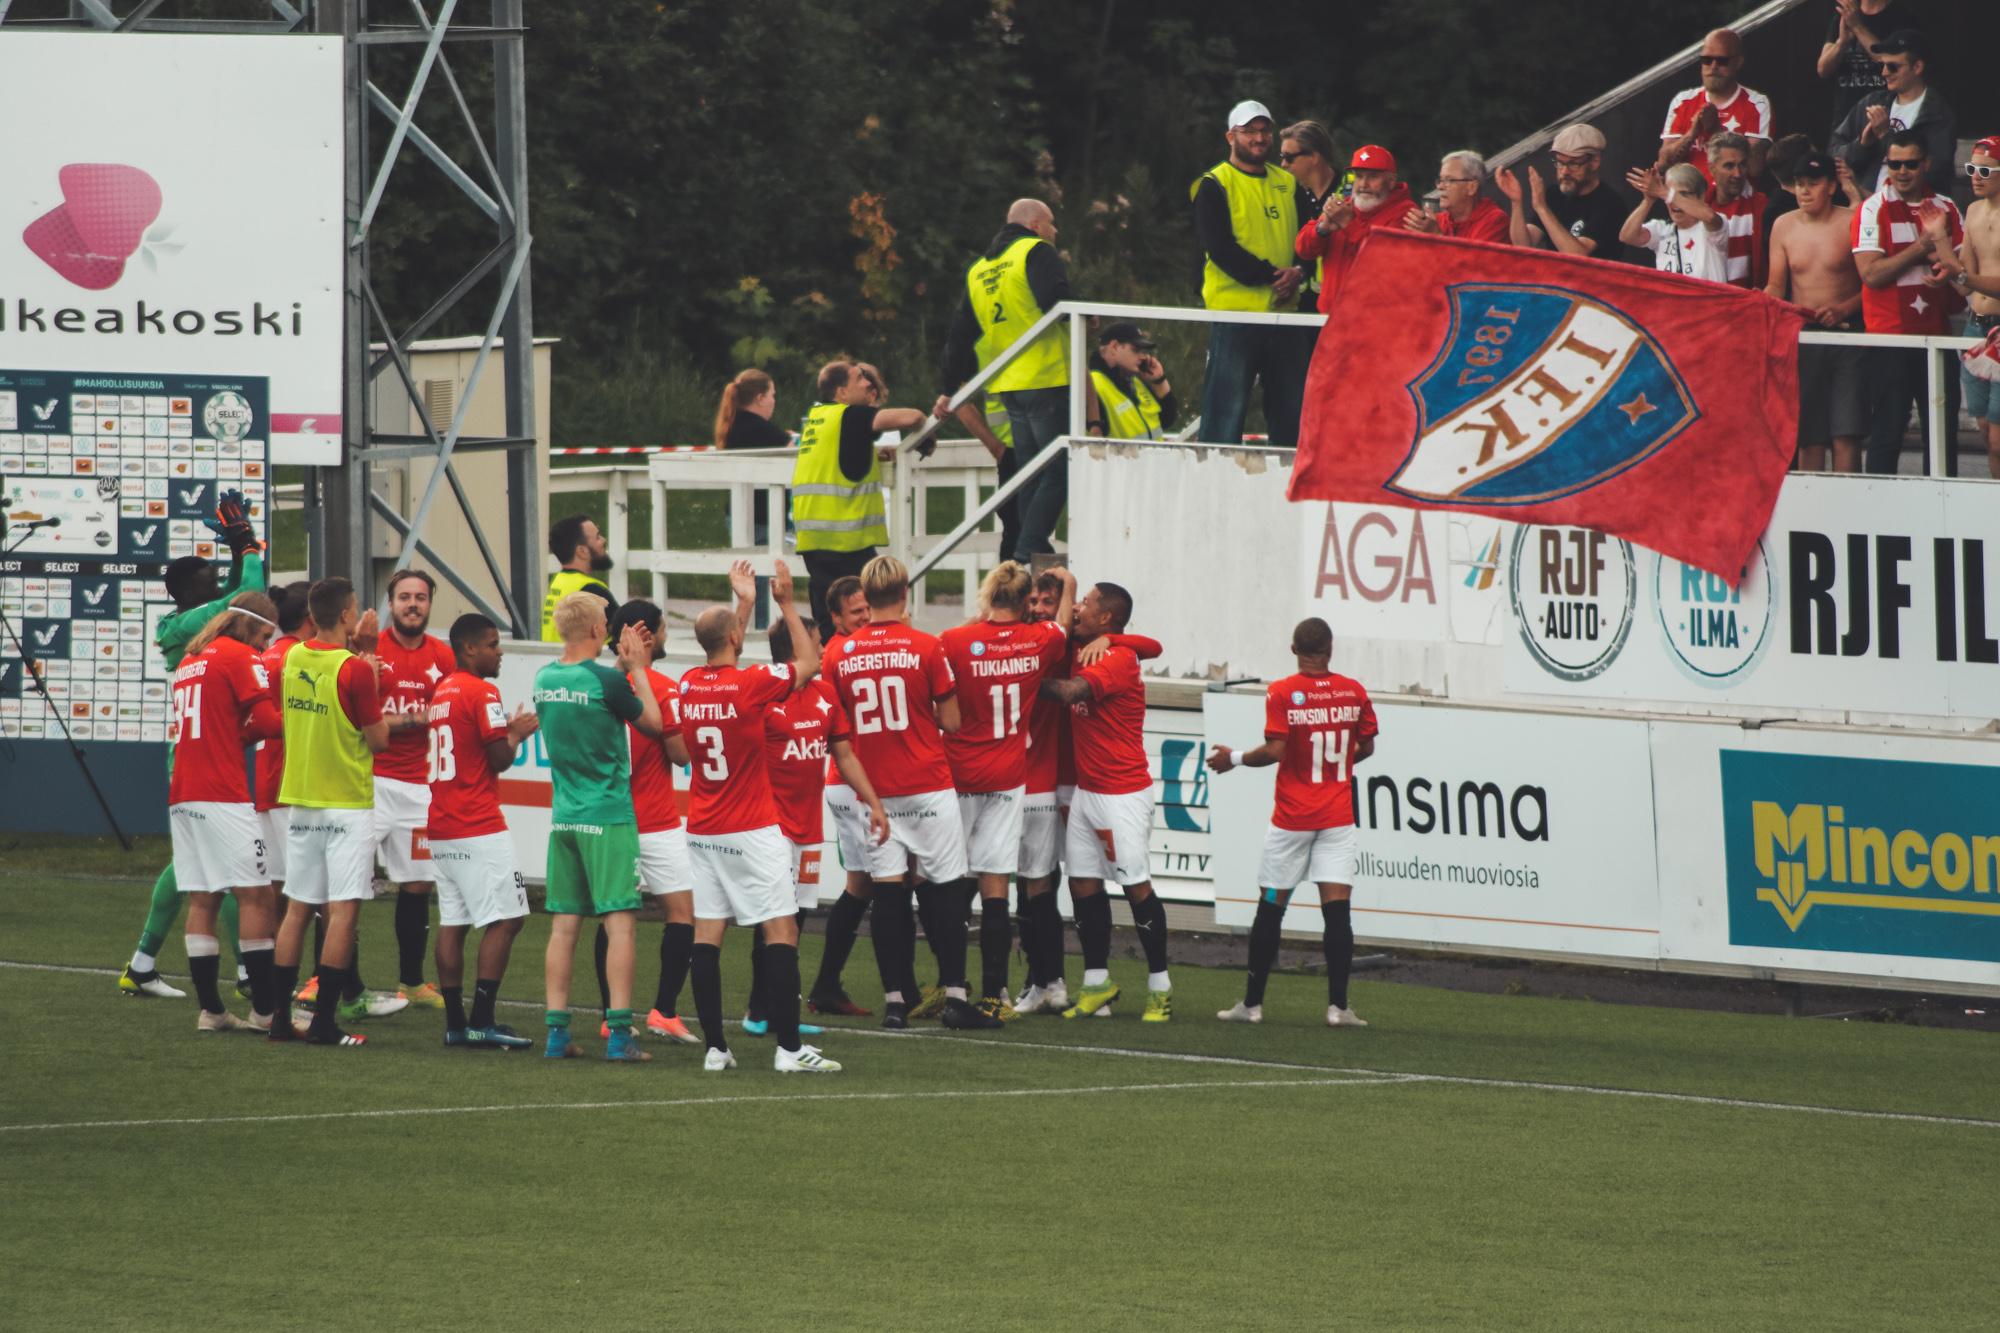 Matchrapport: HIFK vann med två mål i Valkeakoski